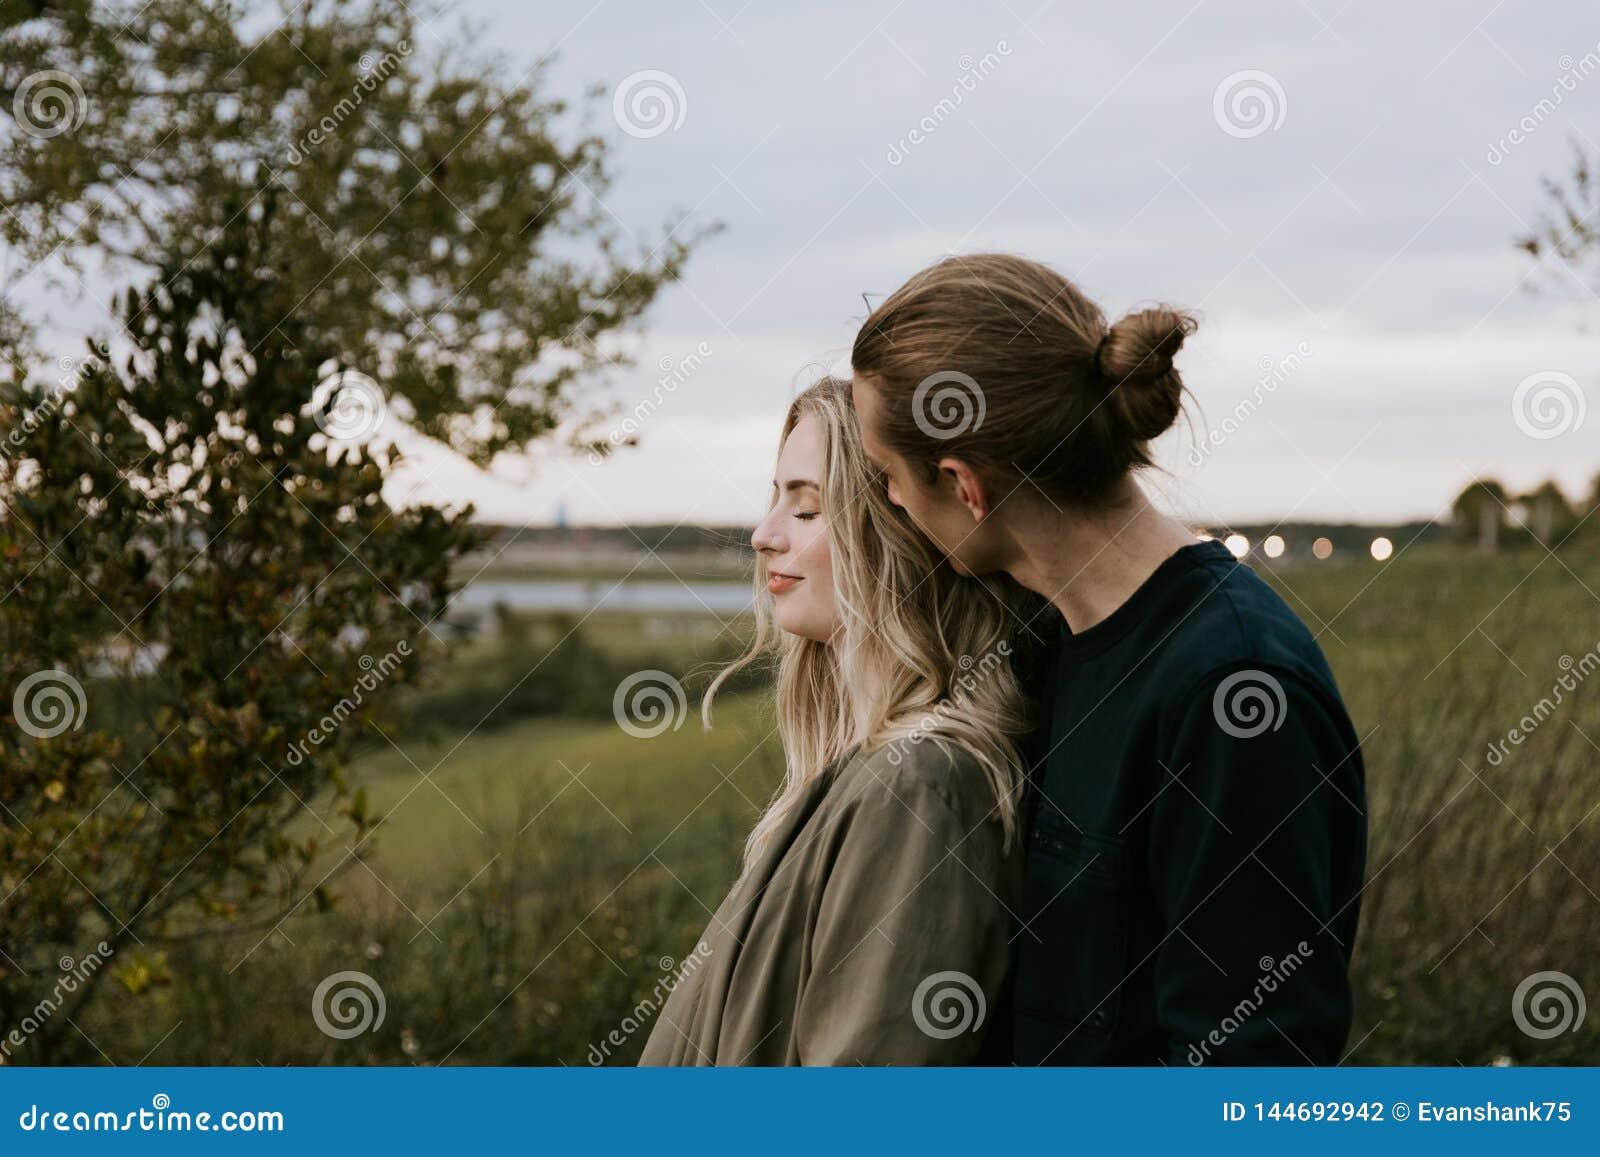 Romantische und liebevolle junge erwachsene Paare am Park, der Natur und den Horizont nach Porträt-Bildern betrachtet